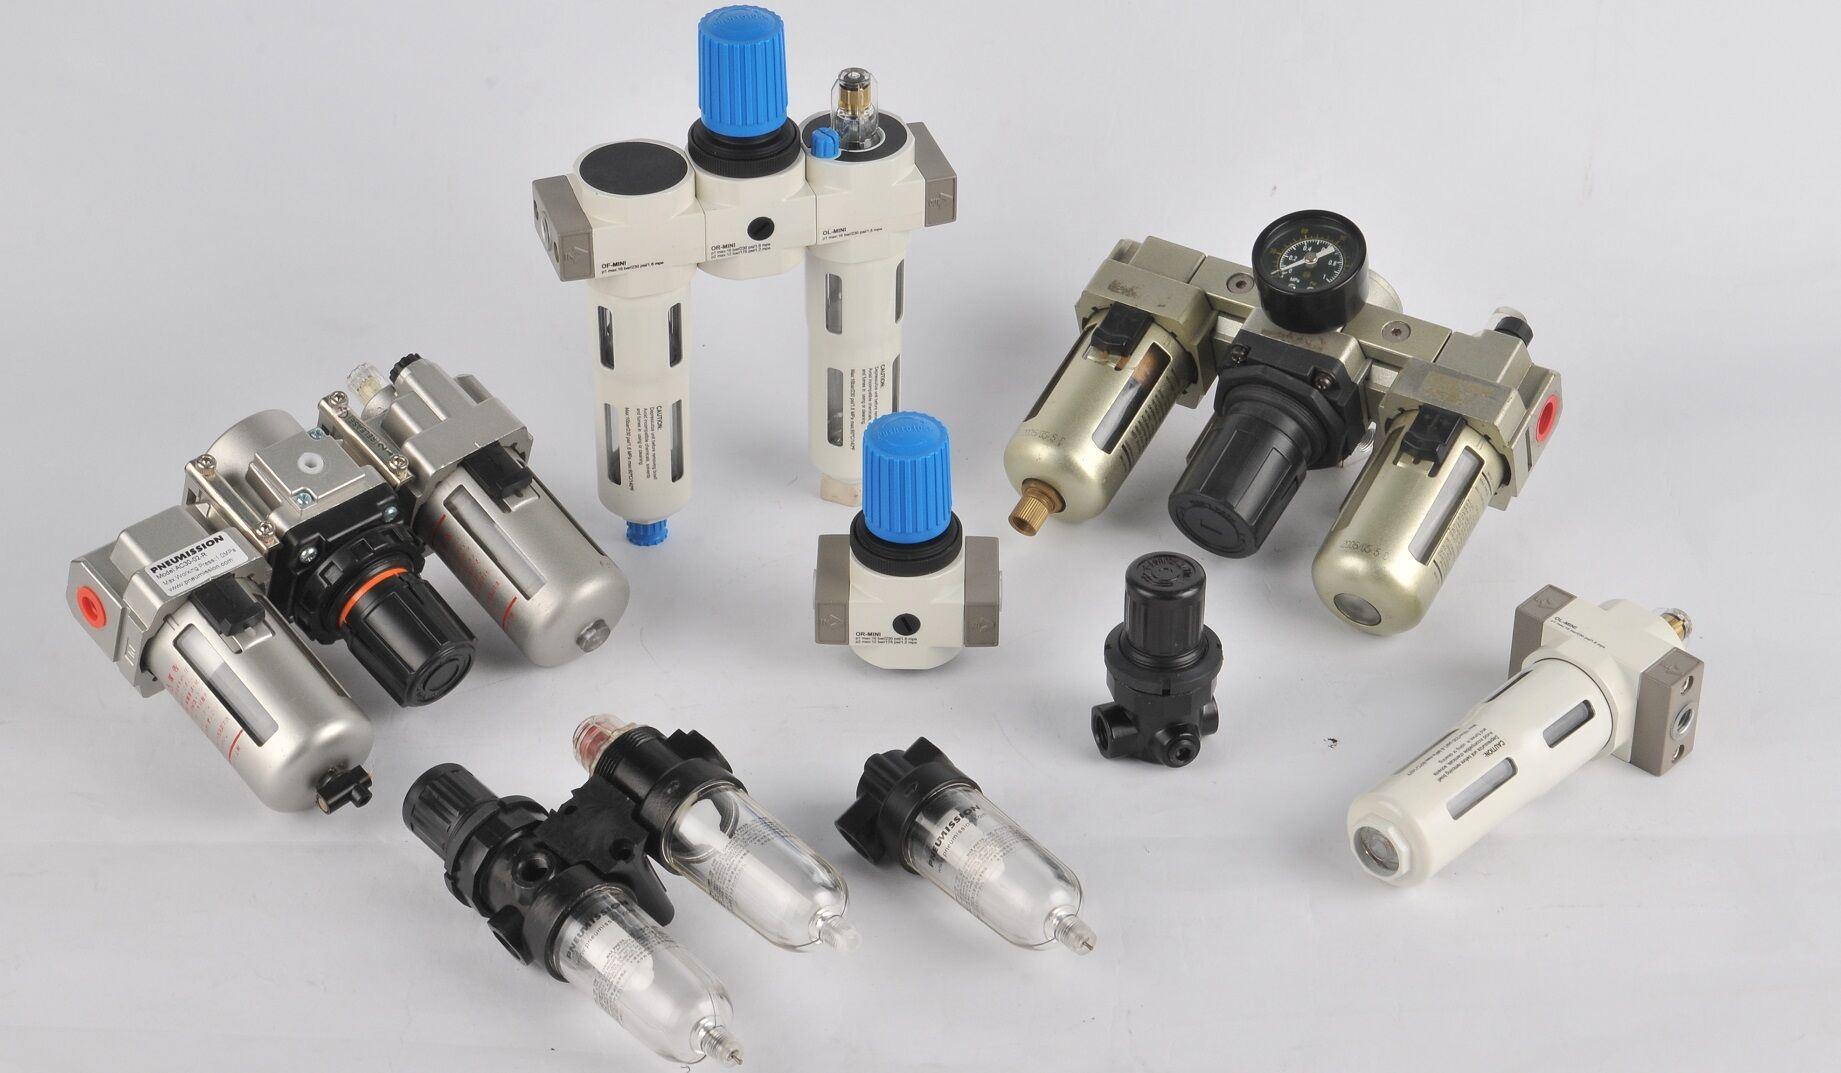 Serie Frl delle unità AC1010-5010 del preparato dell'aria di alta qualità di Pneumission